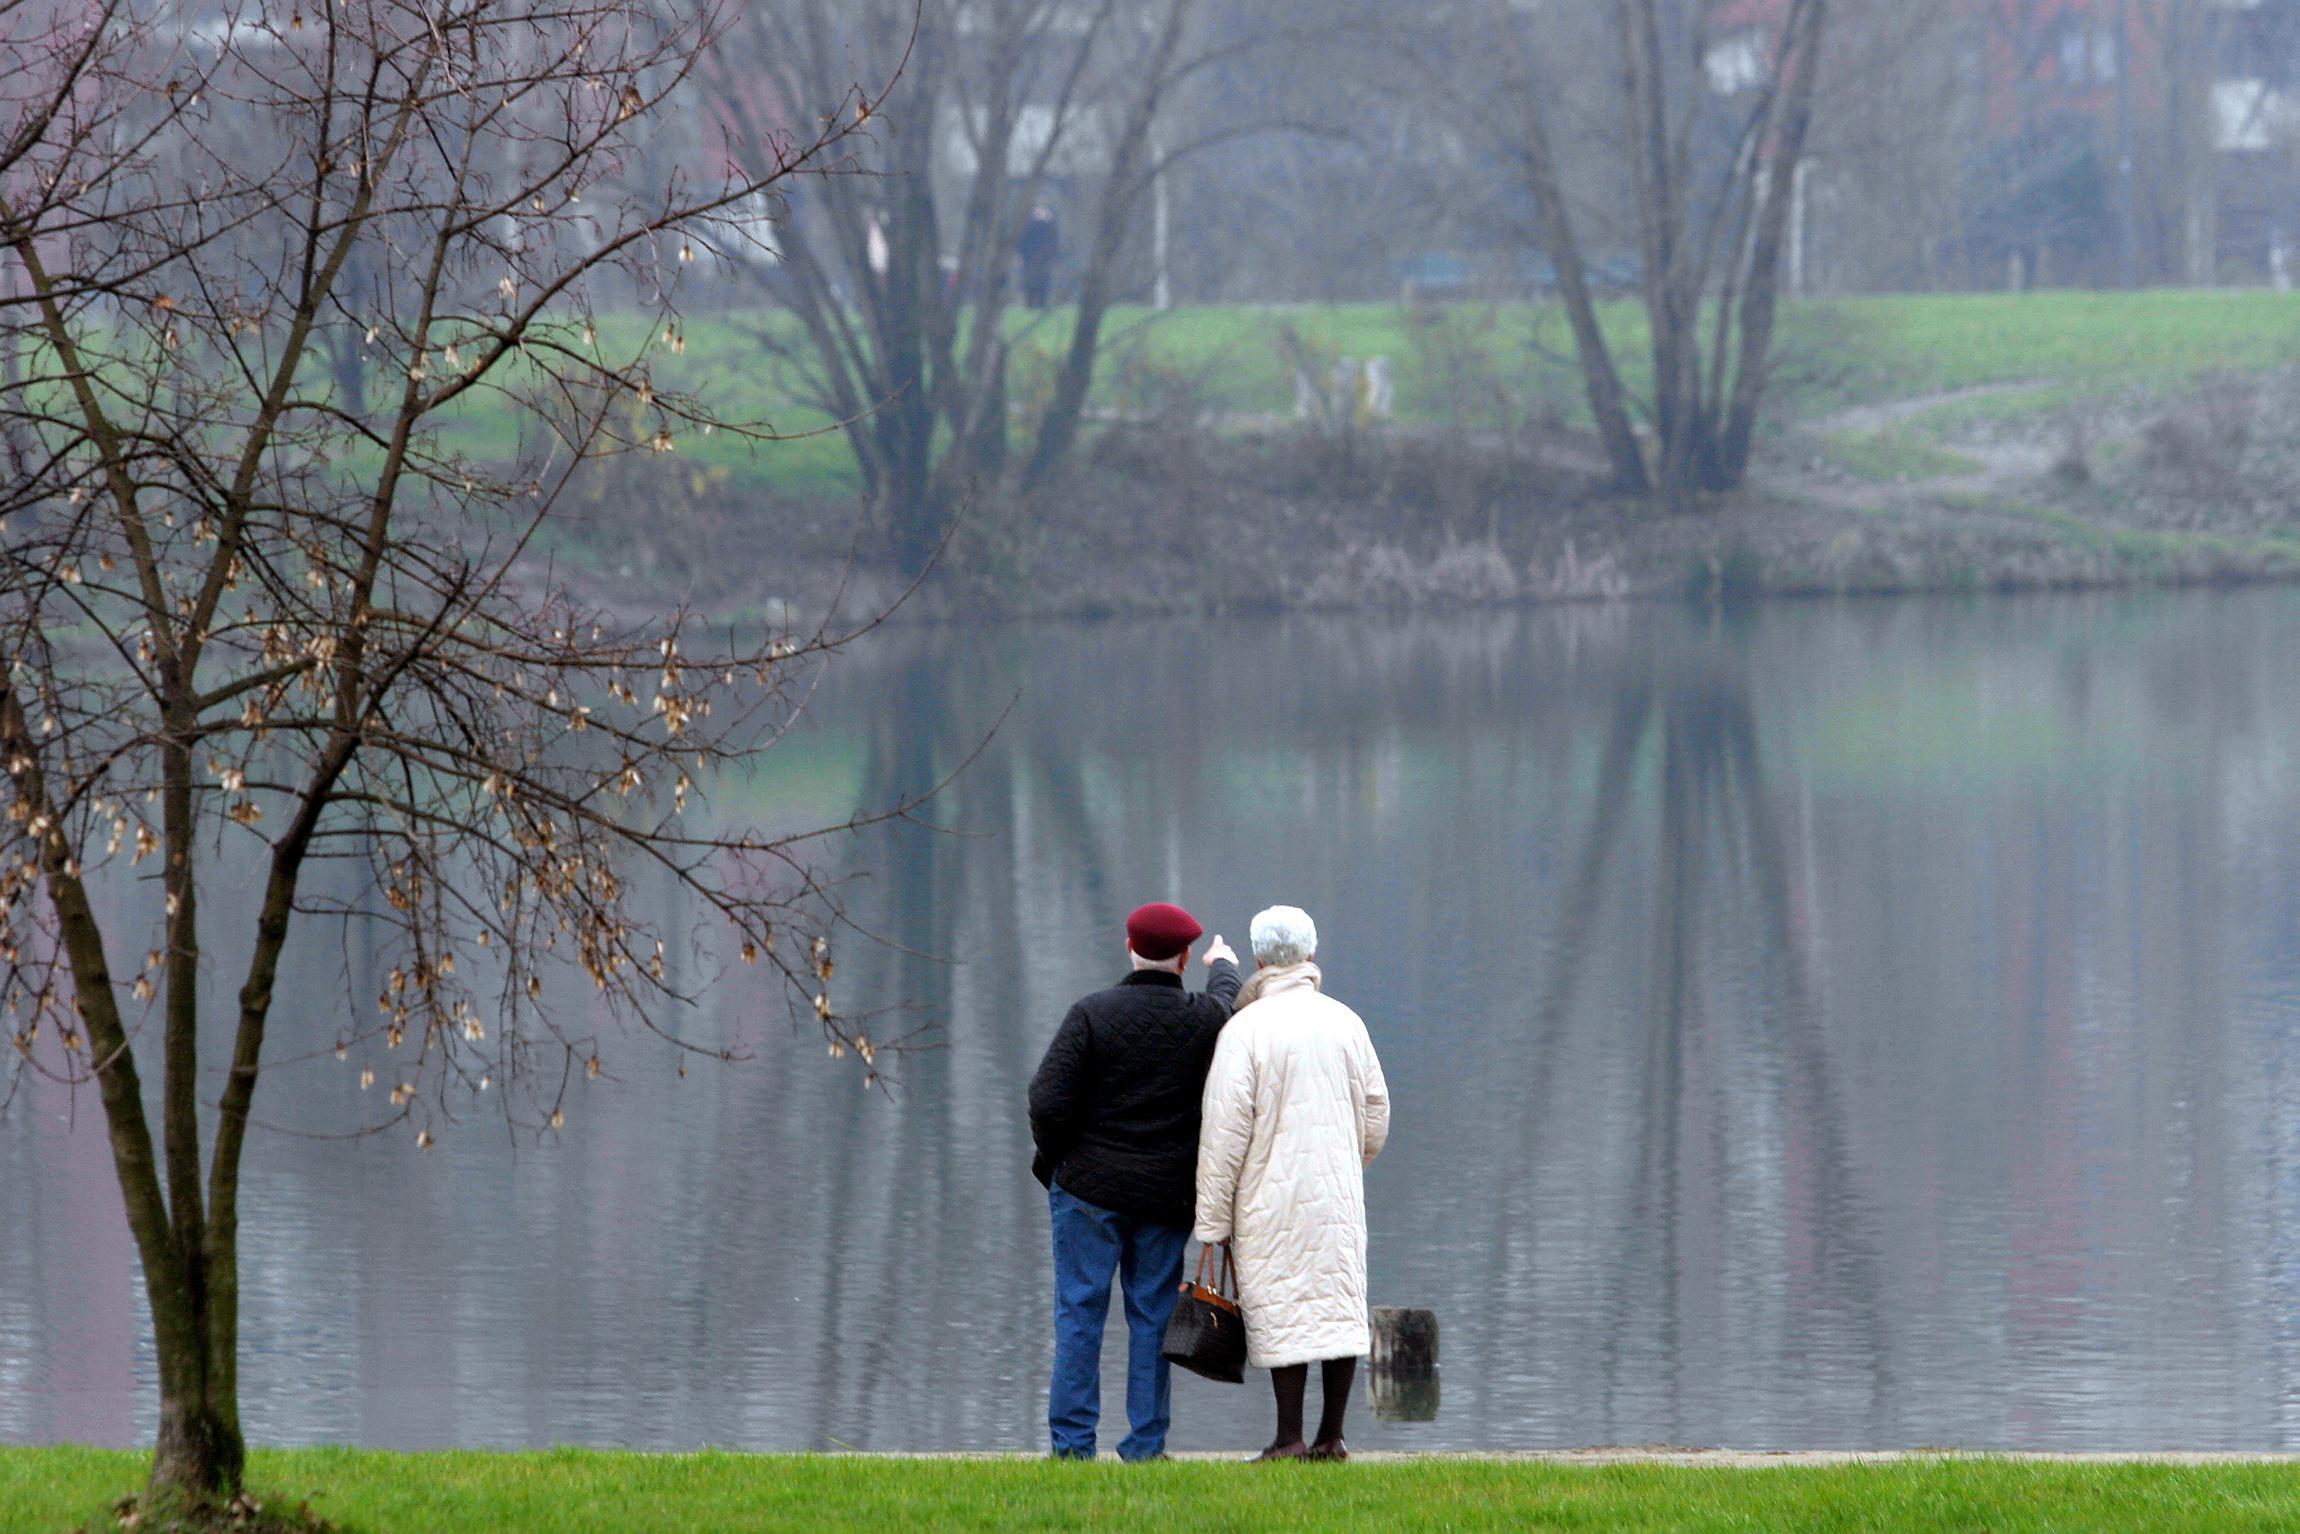 Addio dopo 90 anni di matrimonio, muore il marito più longevo